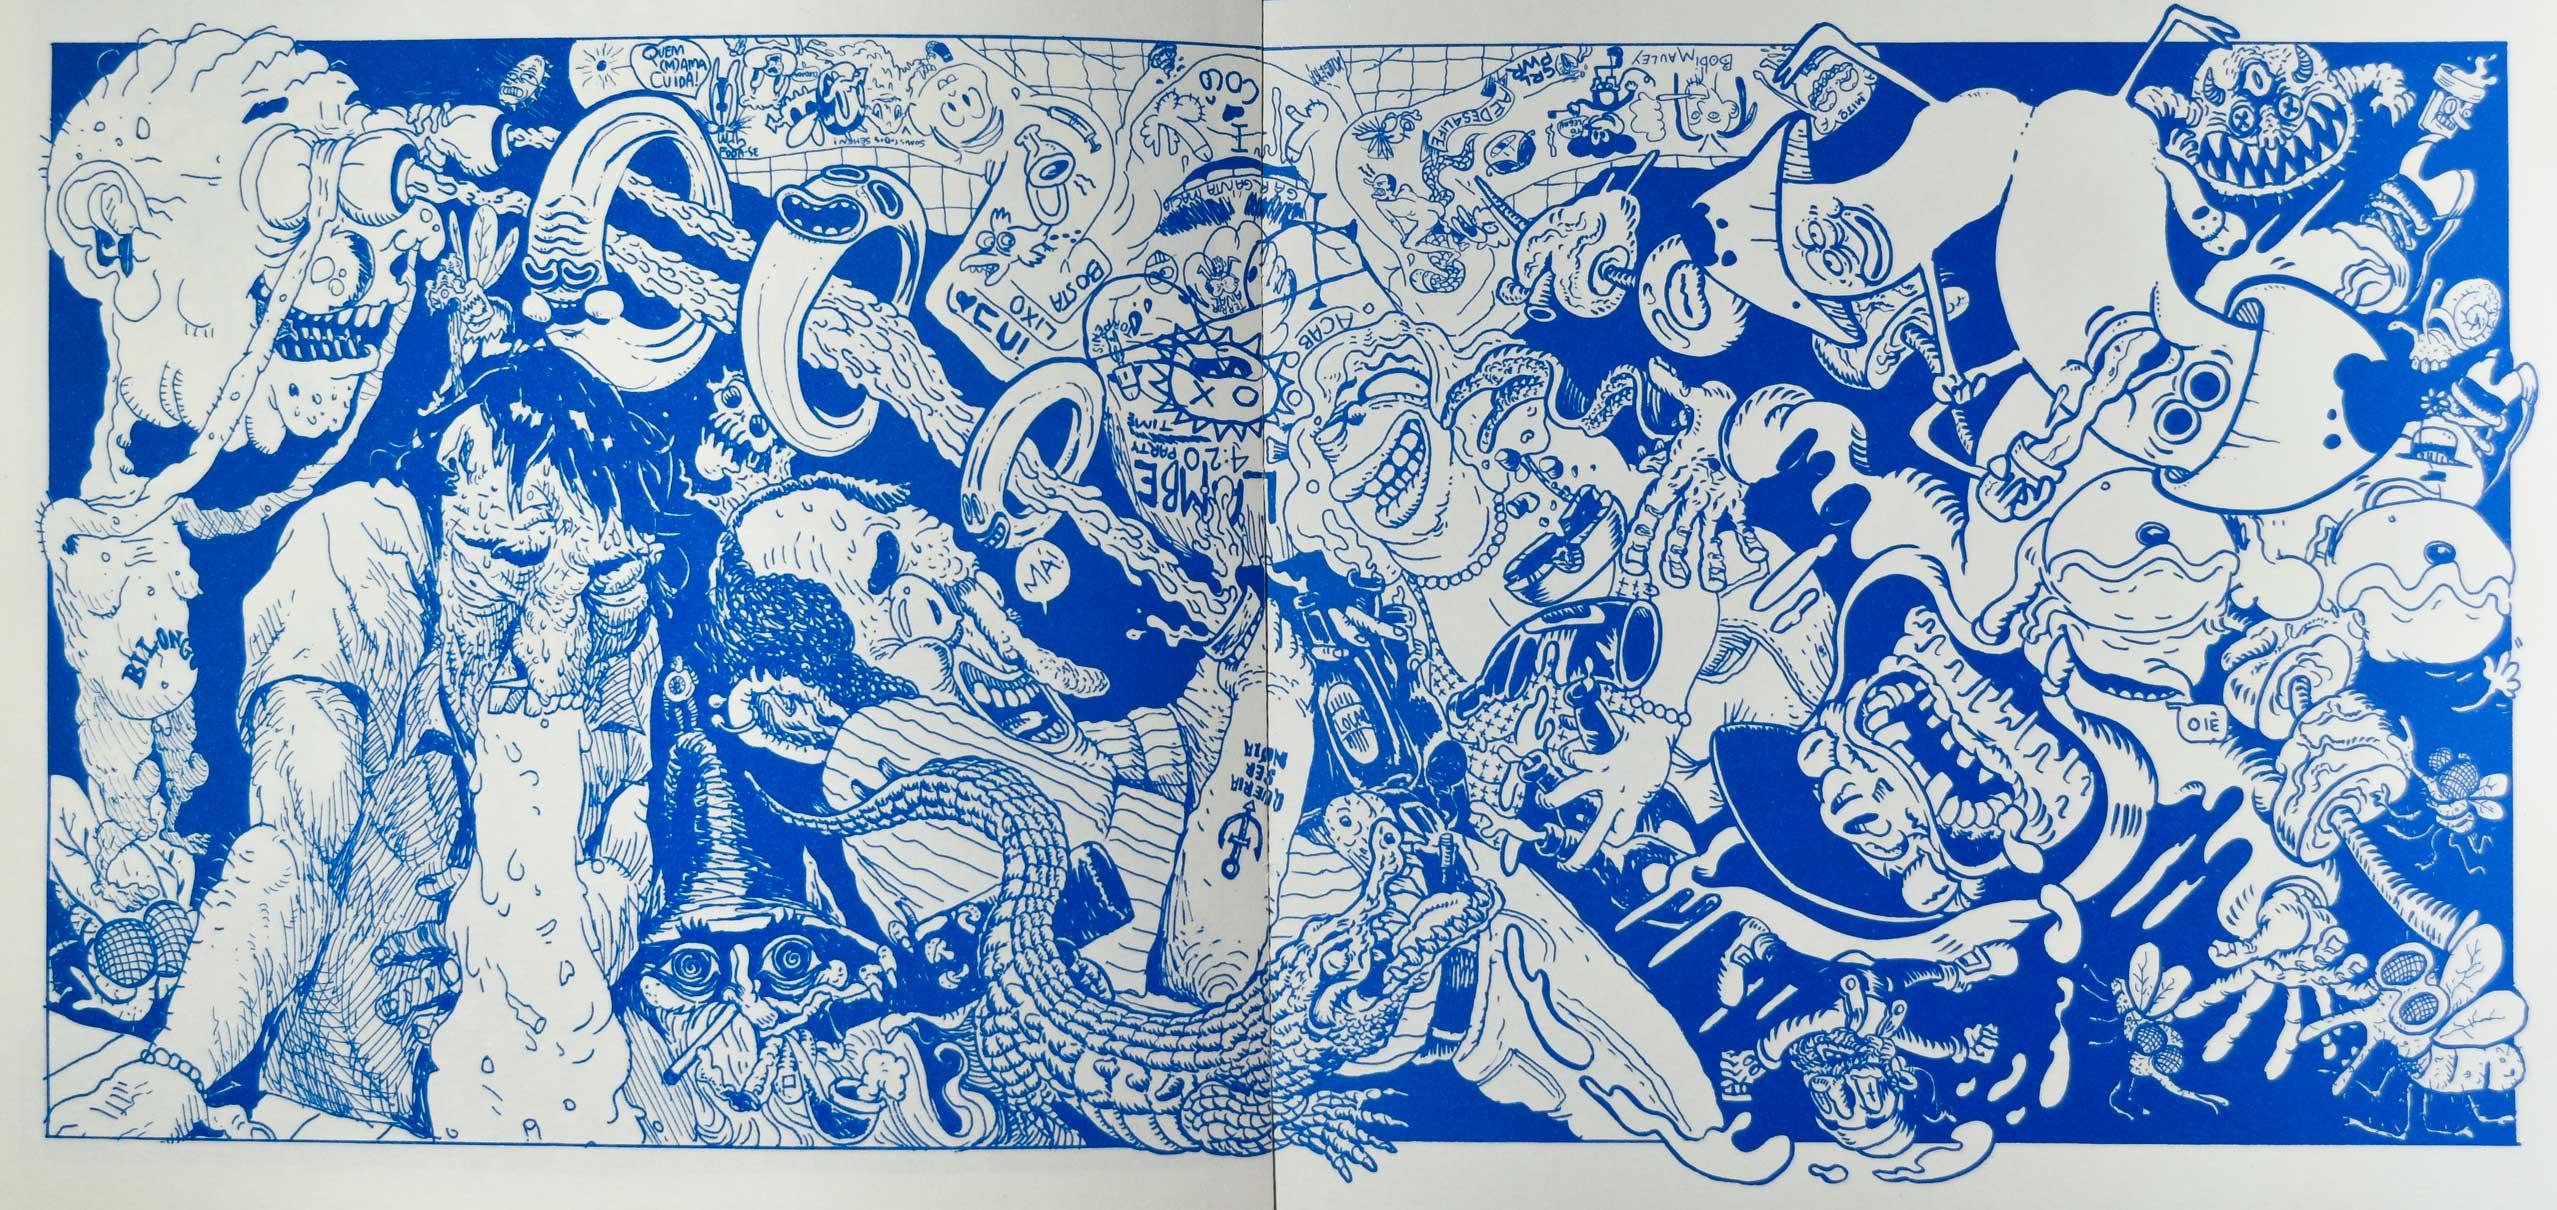 miolo-frito-bar-quadrinhos-hq-ilustracao-8